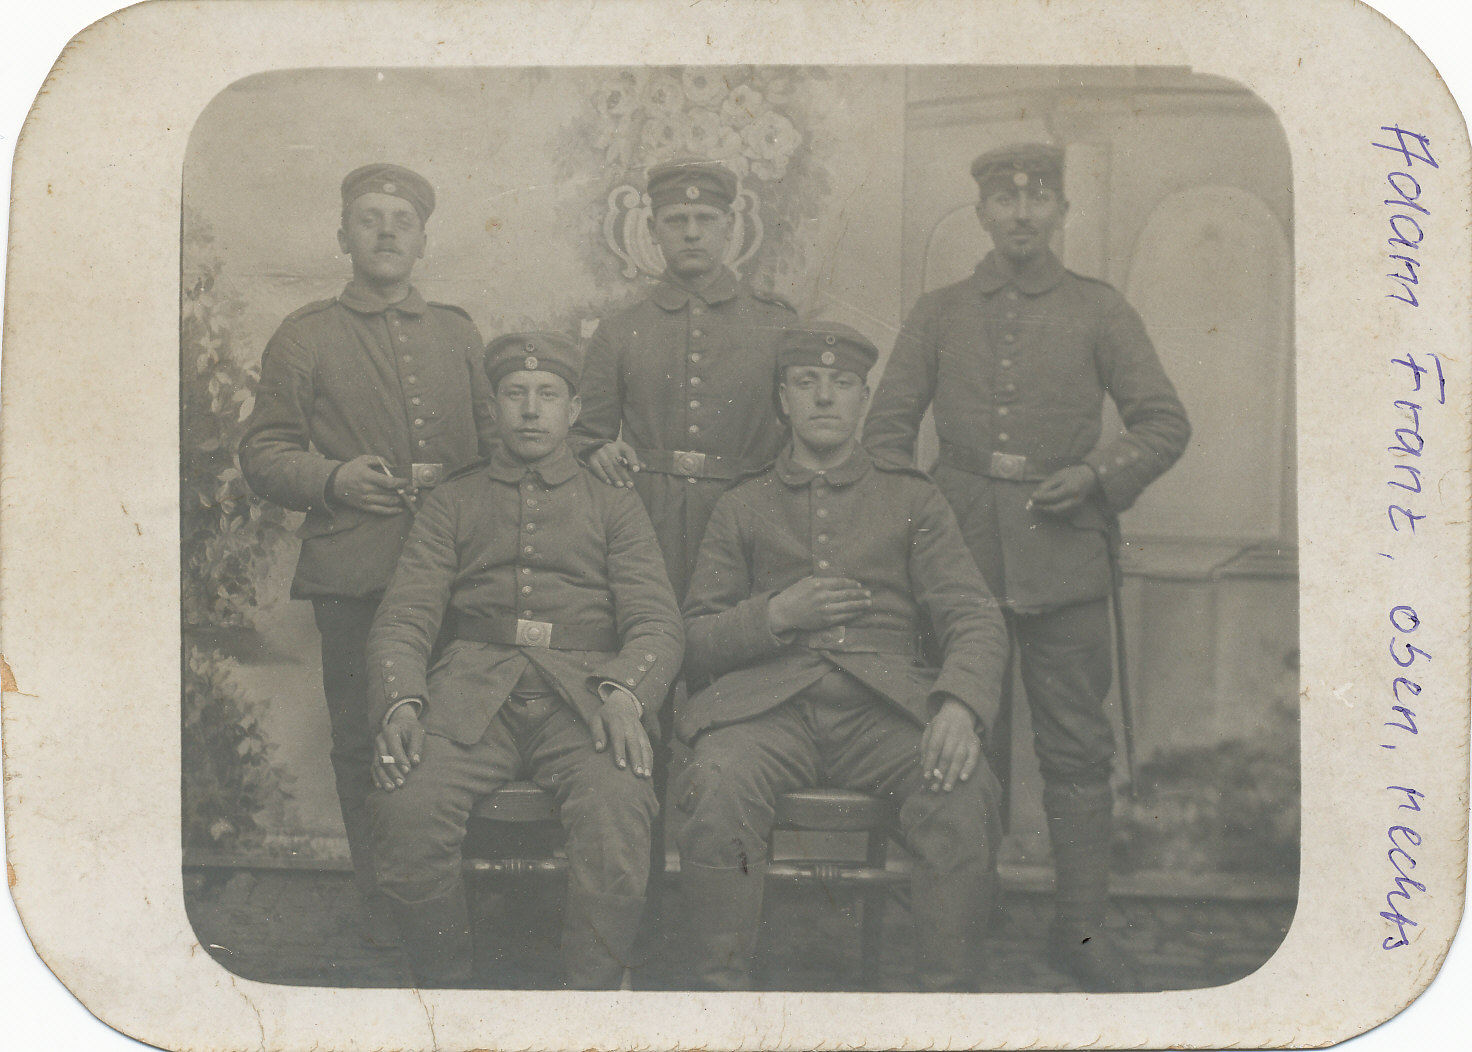 Adam Franz im I. Weltkrieg, oben rechts